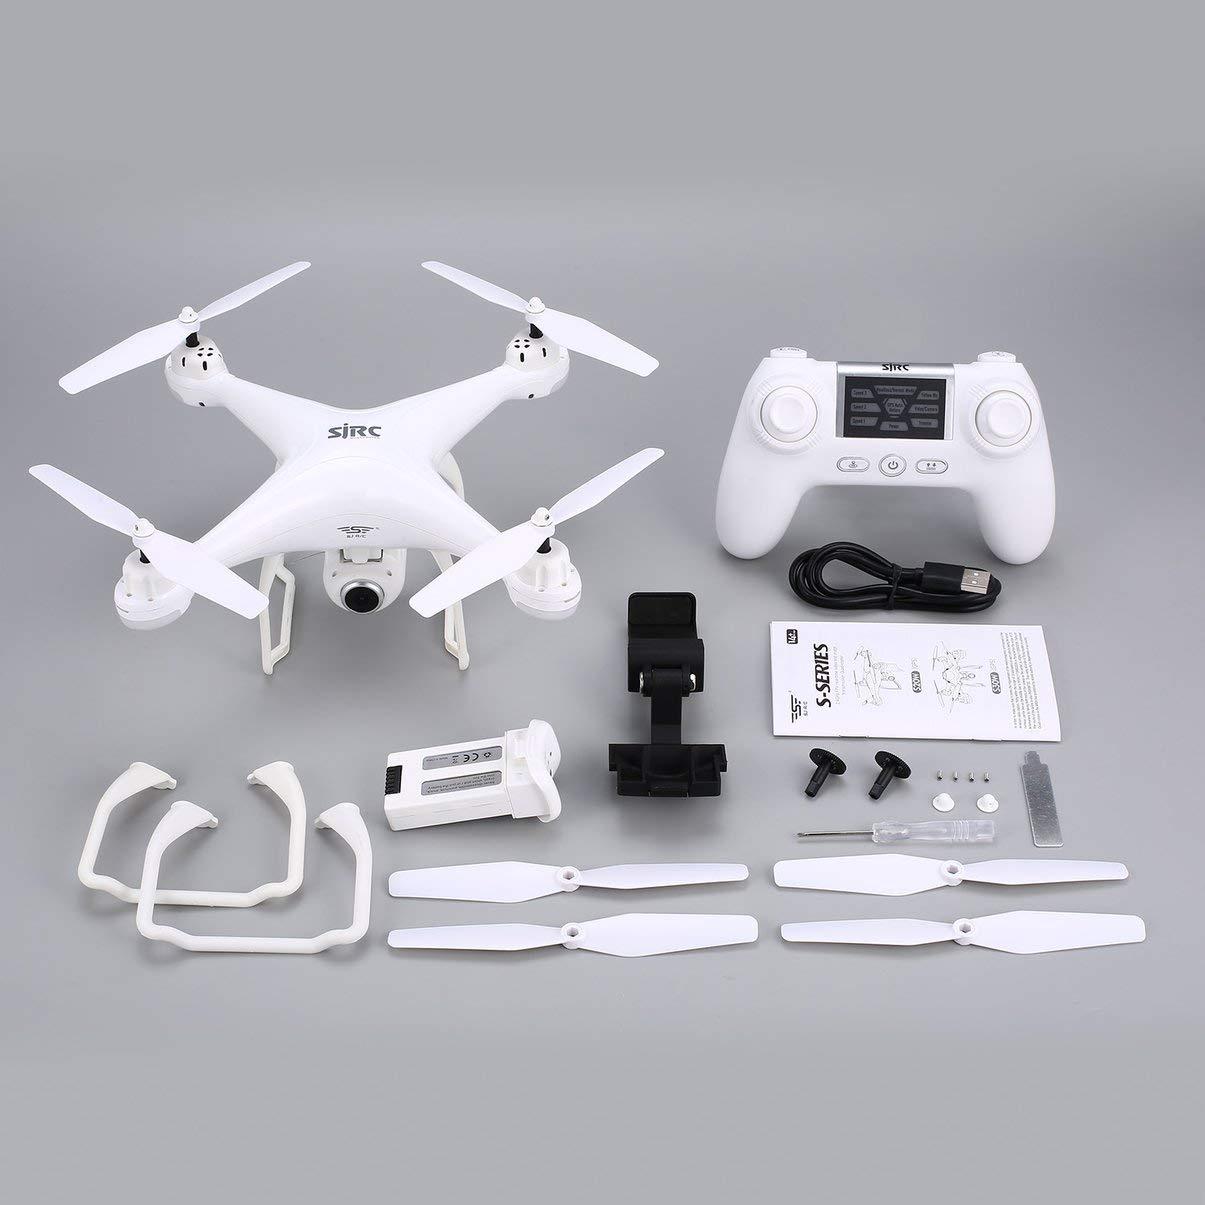 Promoción por tiempo limitado JullyeleESgant SJ R / C S20W FPV 1080P Cámara Selfie Altitude Hold Drone Modo sin Cabeza Retorno automático Despegue / Aterrizaje Hover GPS RC Quadcopter